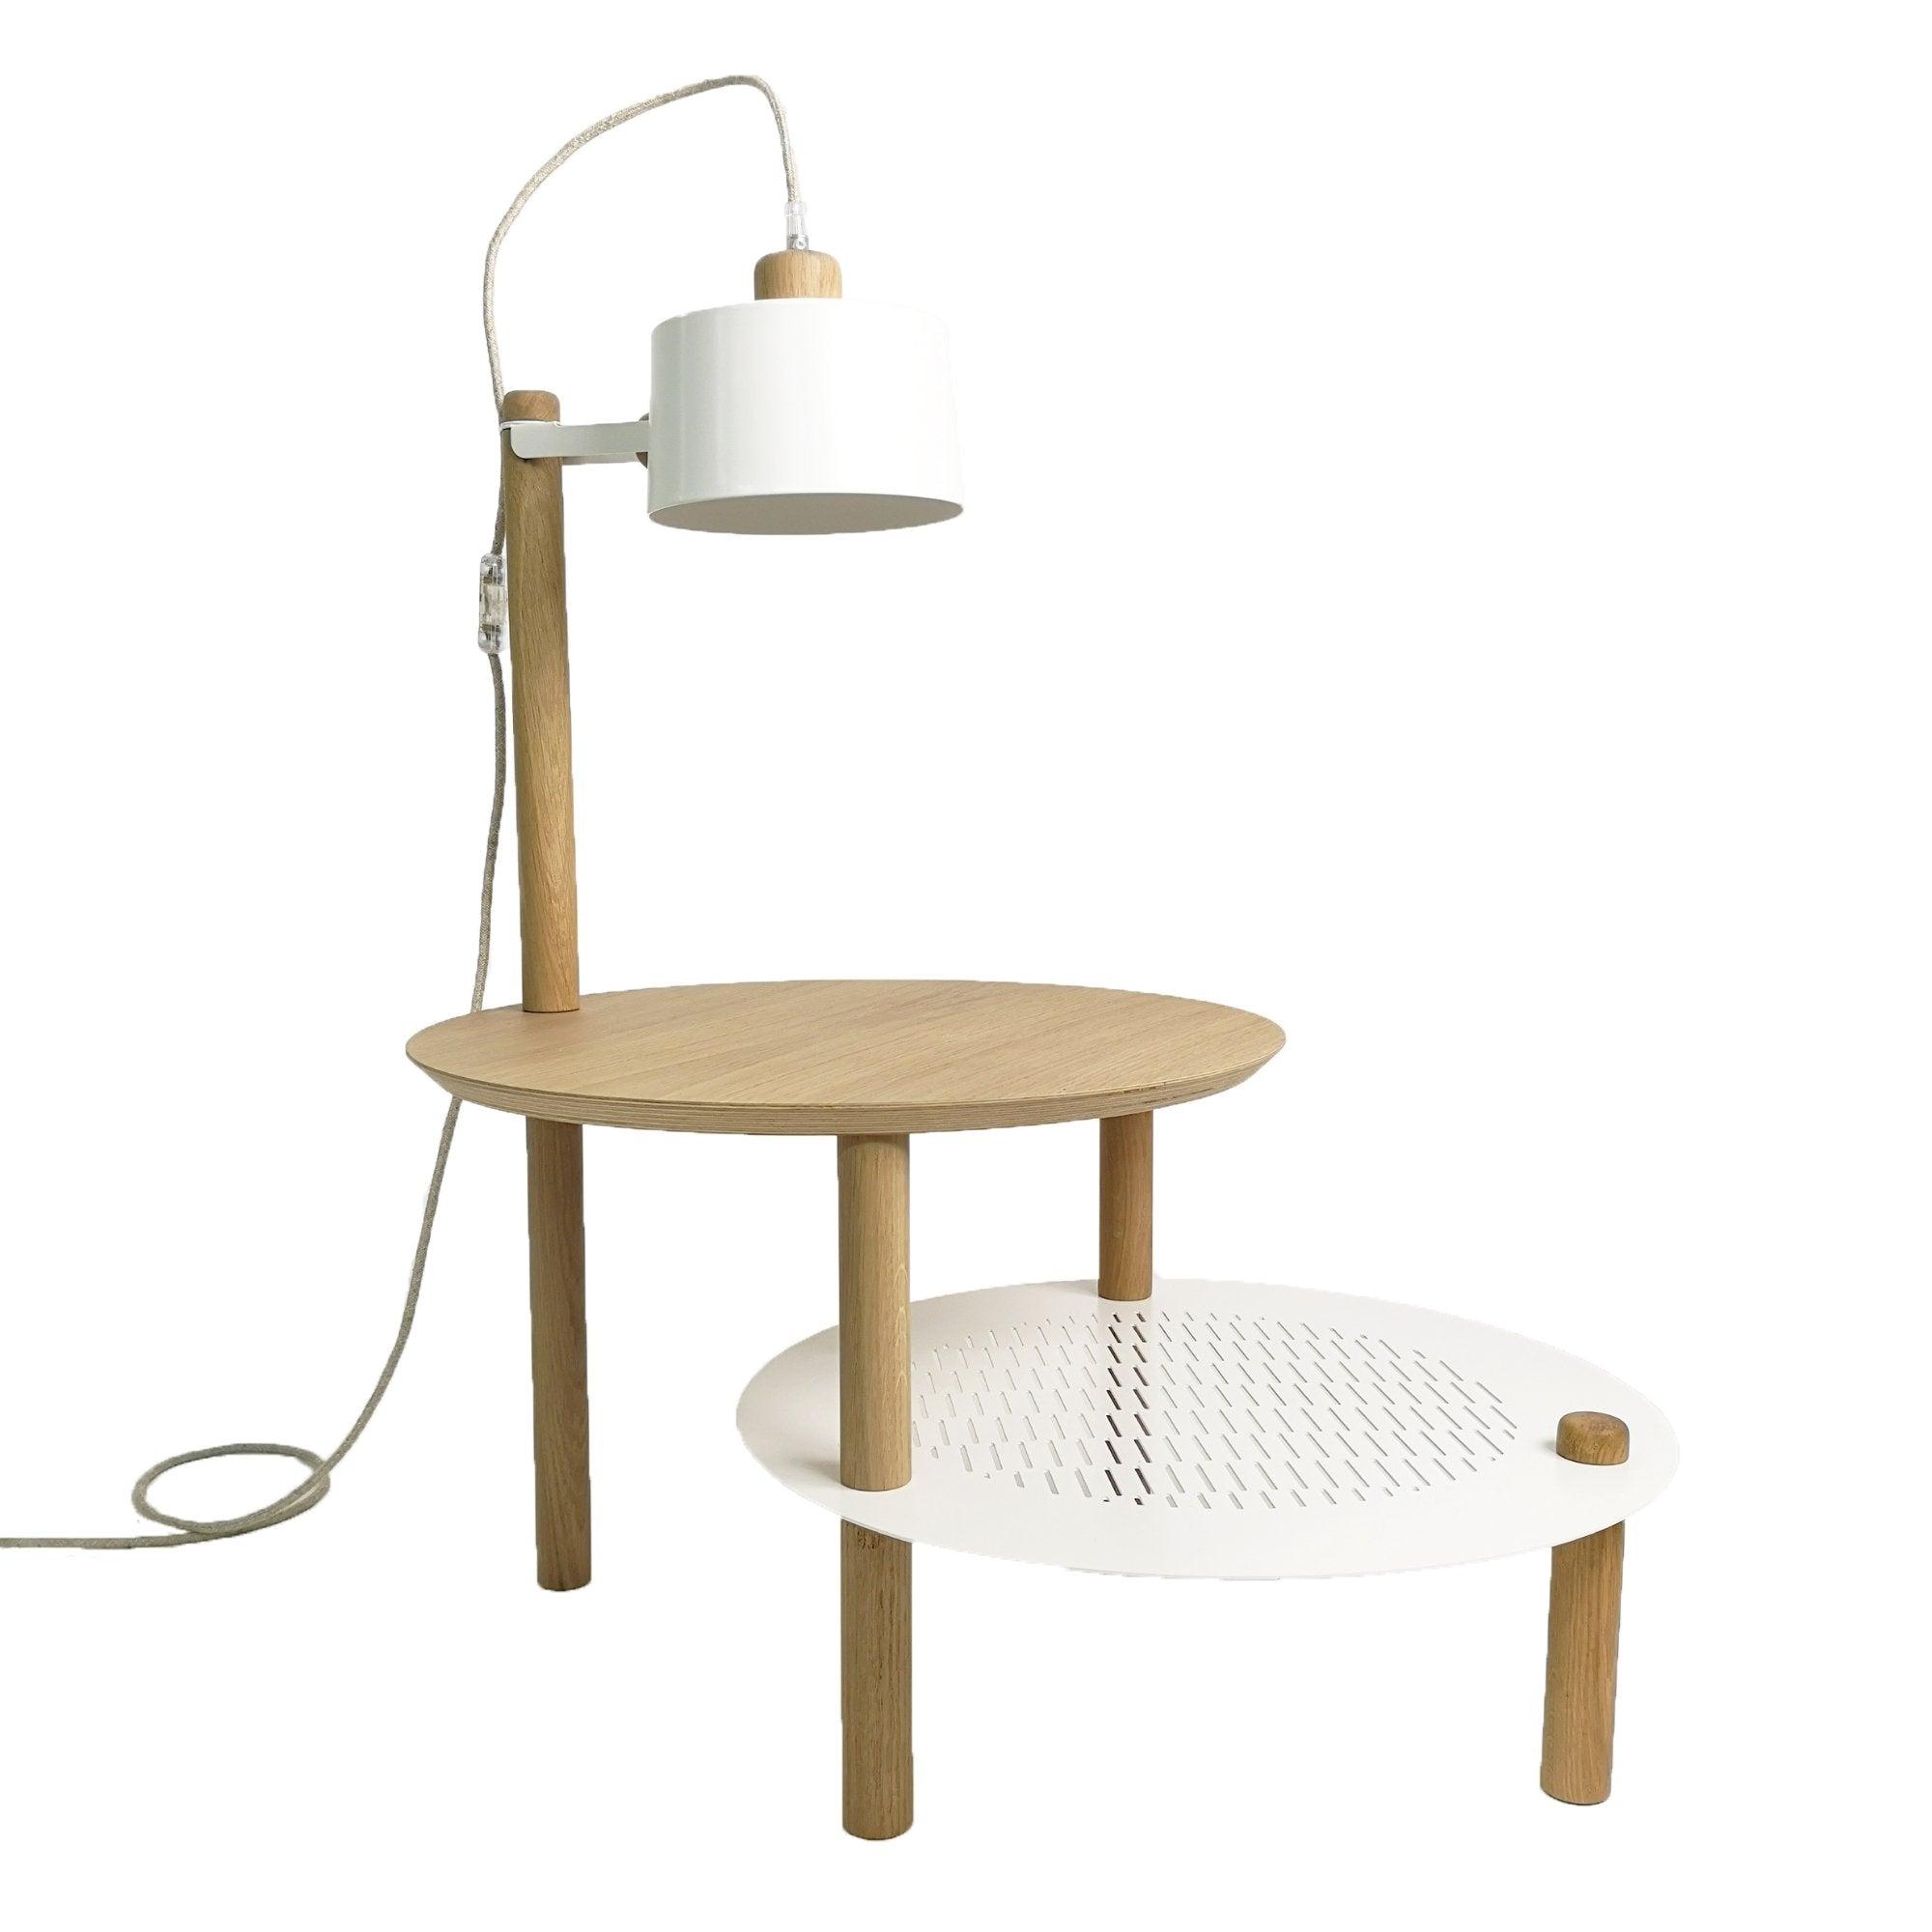 DIZY design Table d'appoint avec plateaux décalés, lampe en chne & métal blanc